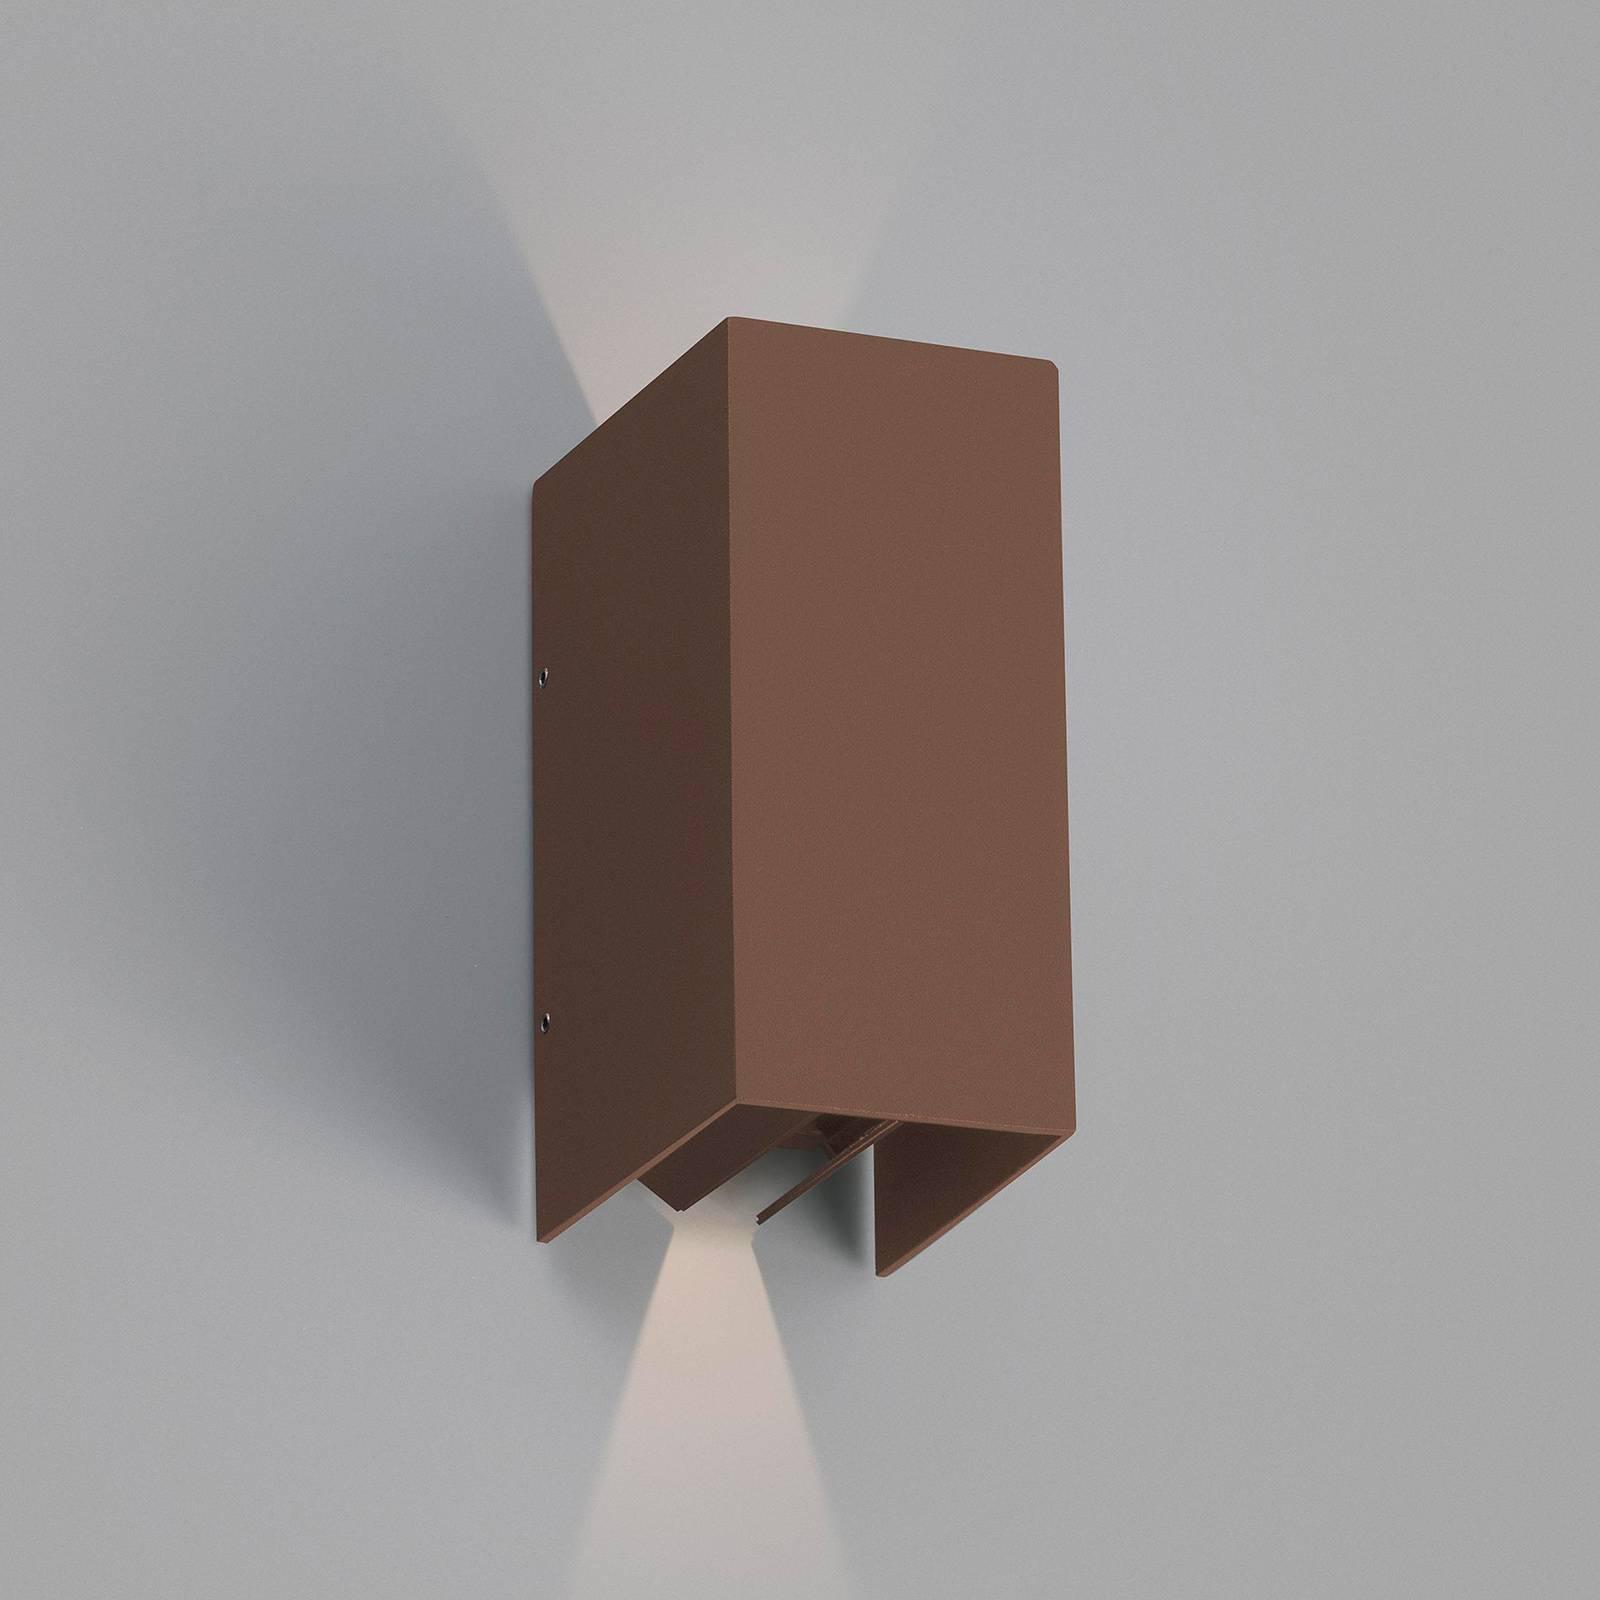 LED-Außenwandleuchte Blind, rostbraun